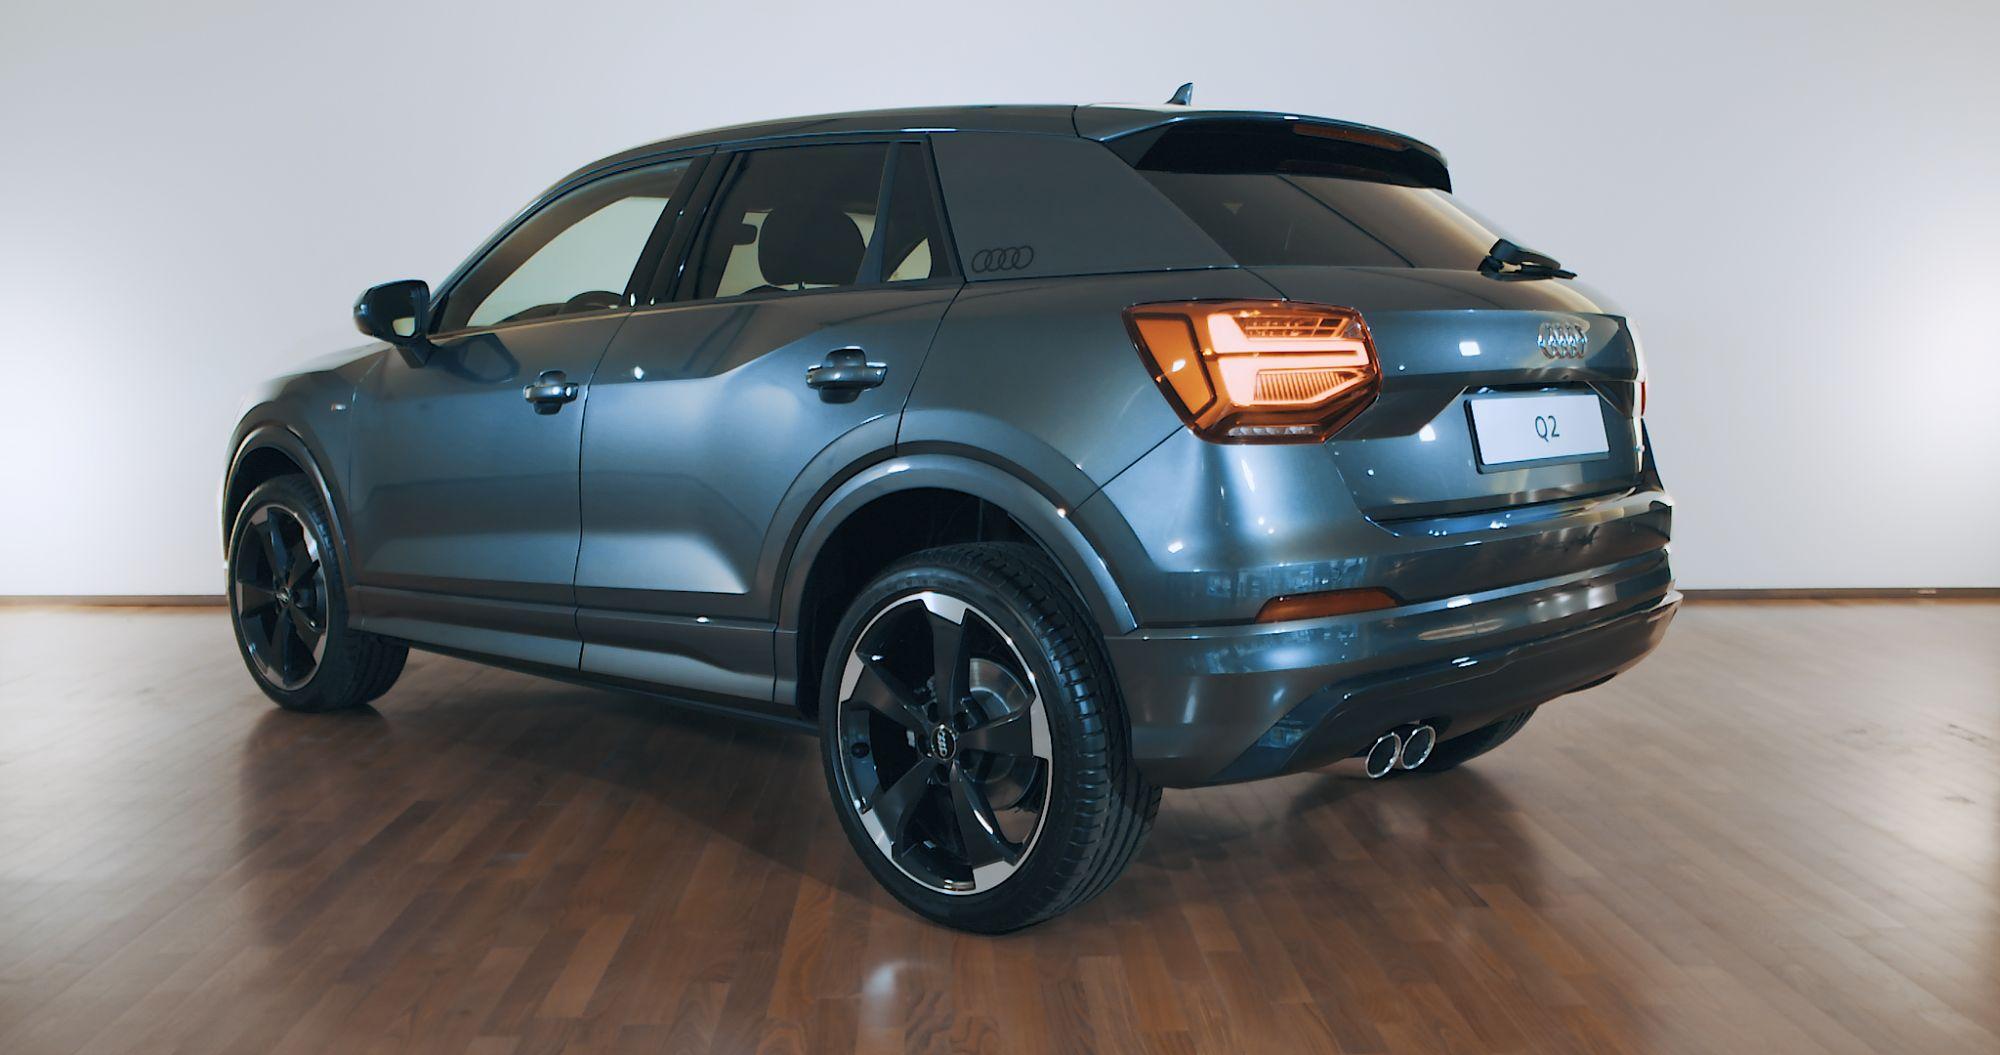 Audi n°2